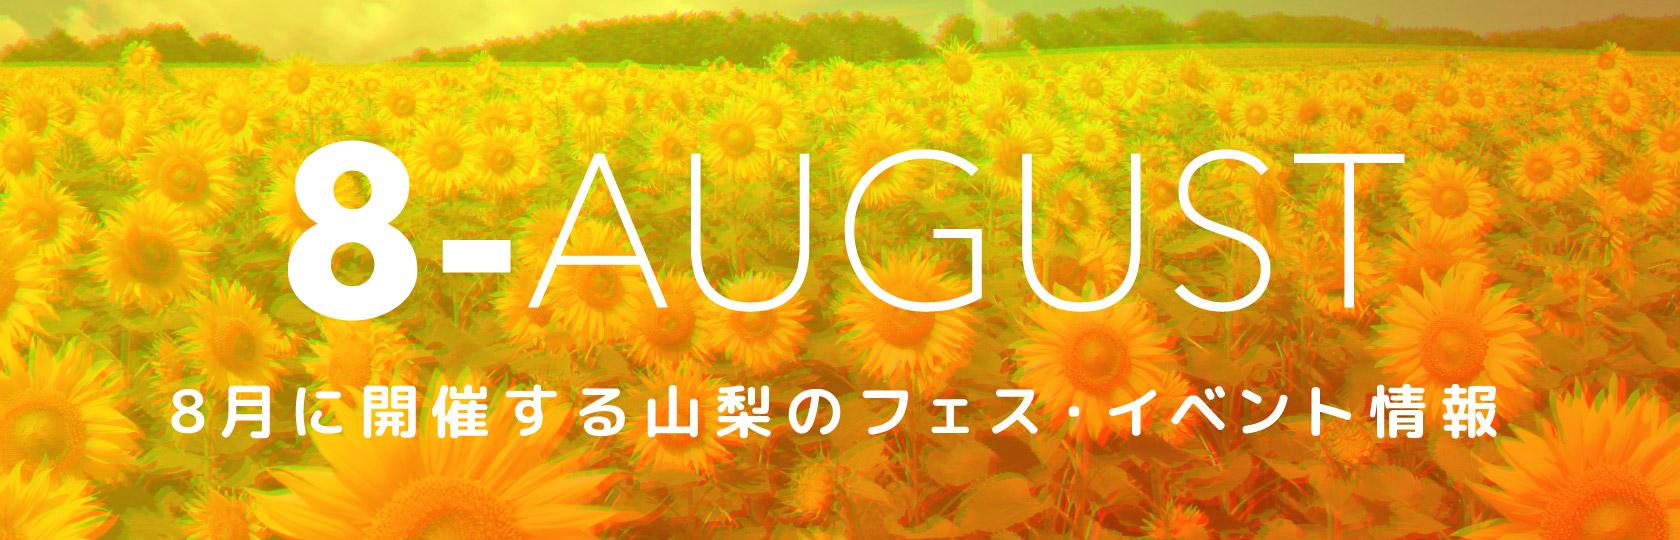 8月に開催する山梨のフェス・イベント情報